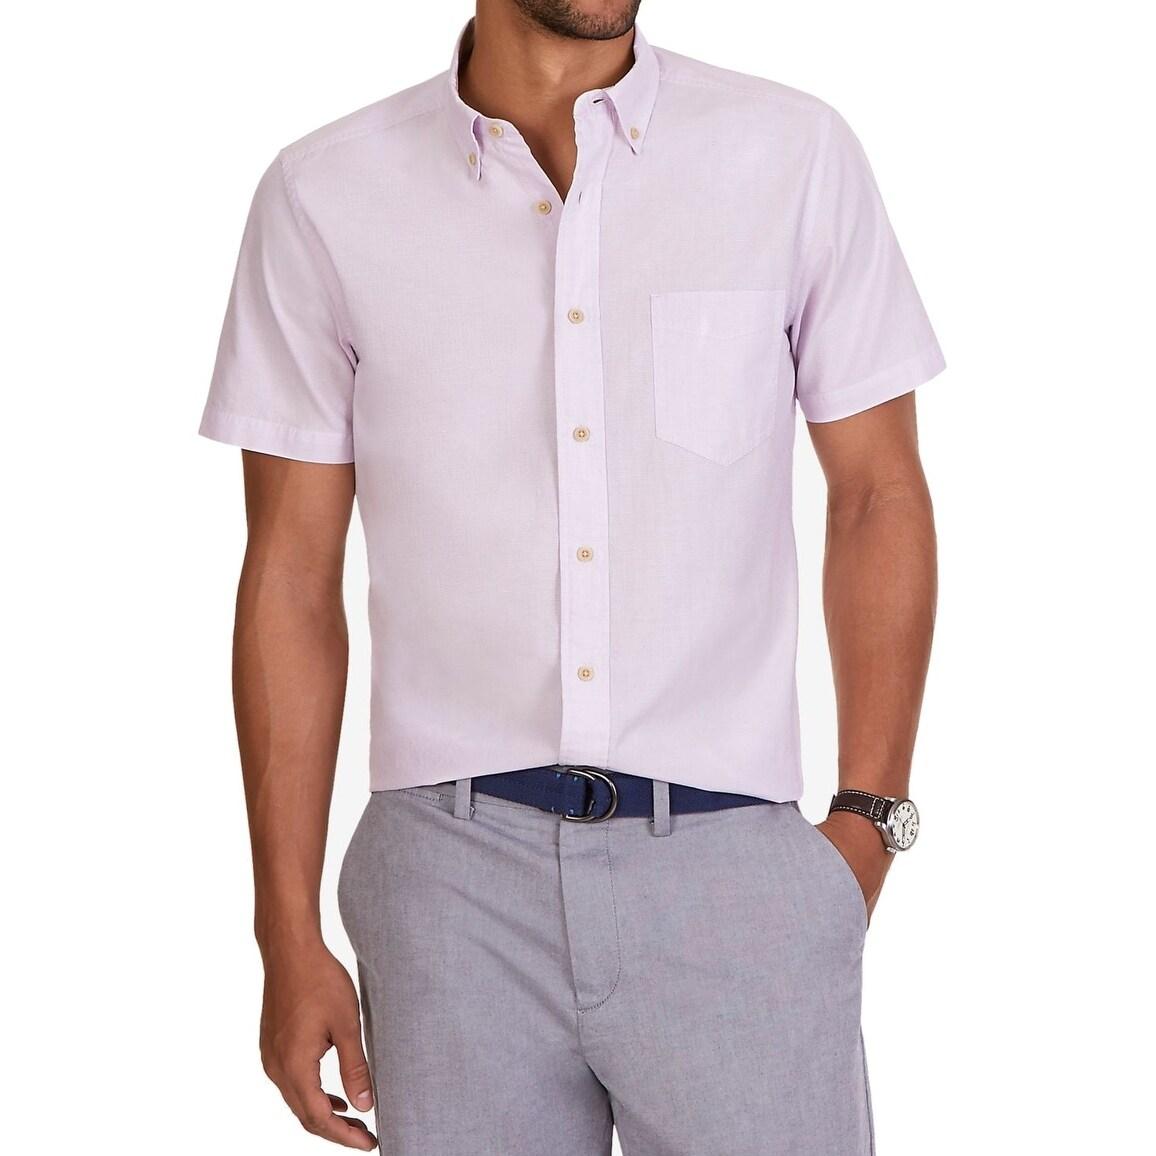 Shop Nautica New Purple Lavender Mens Size Xl Button Down Short